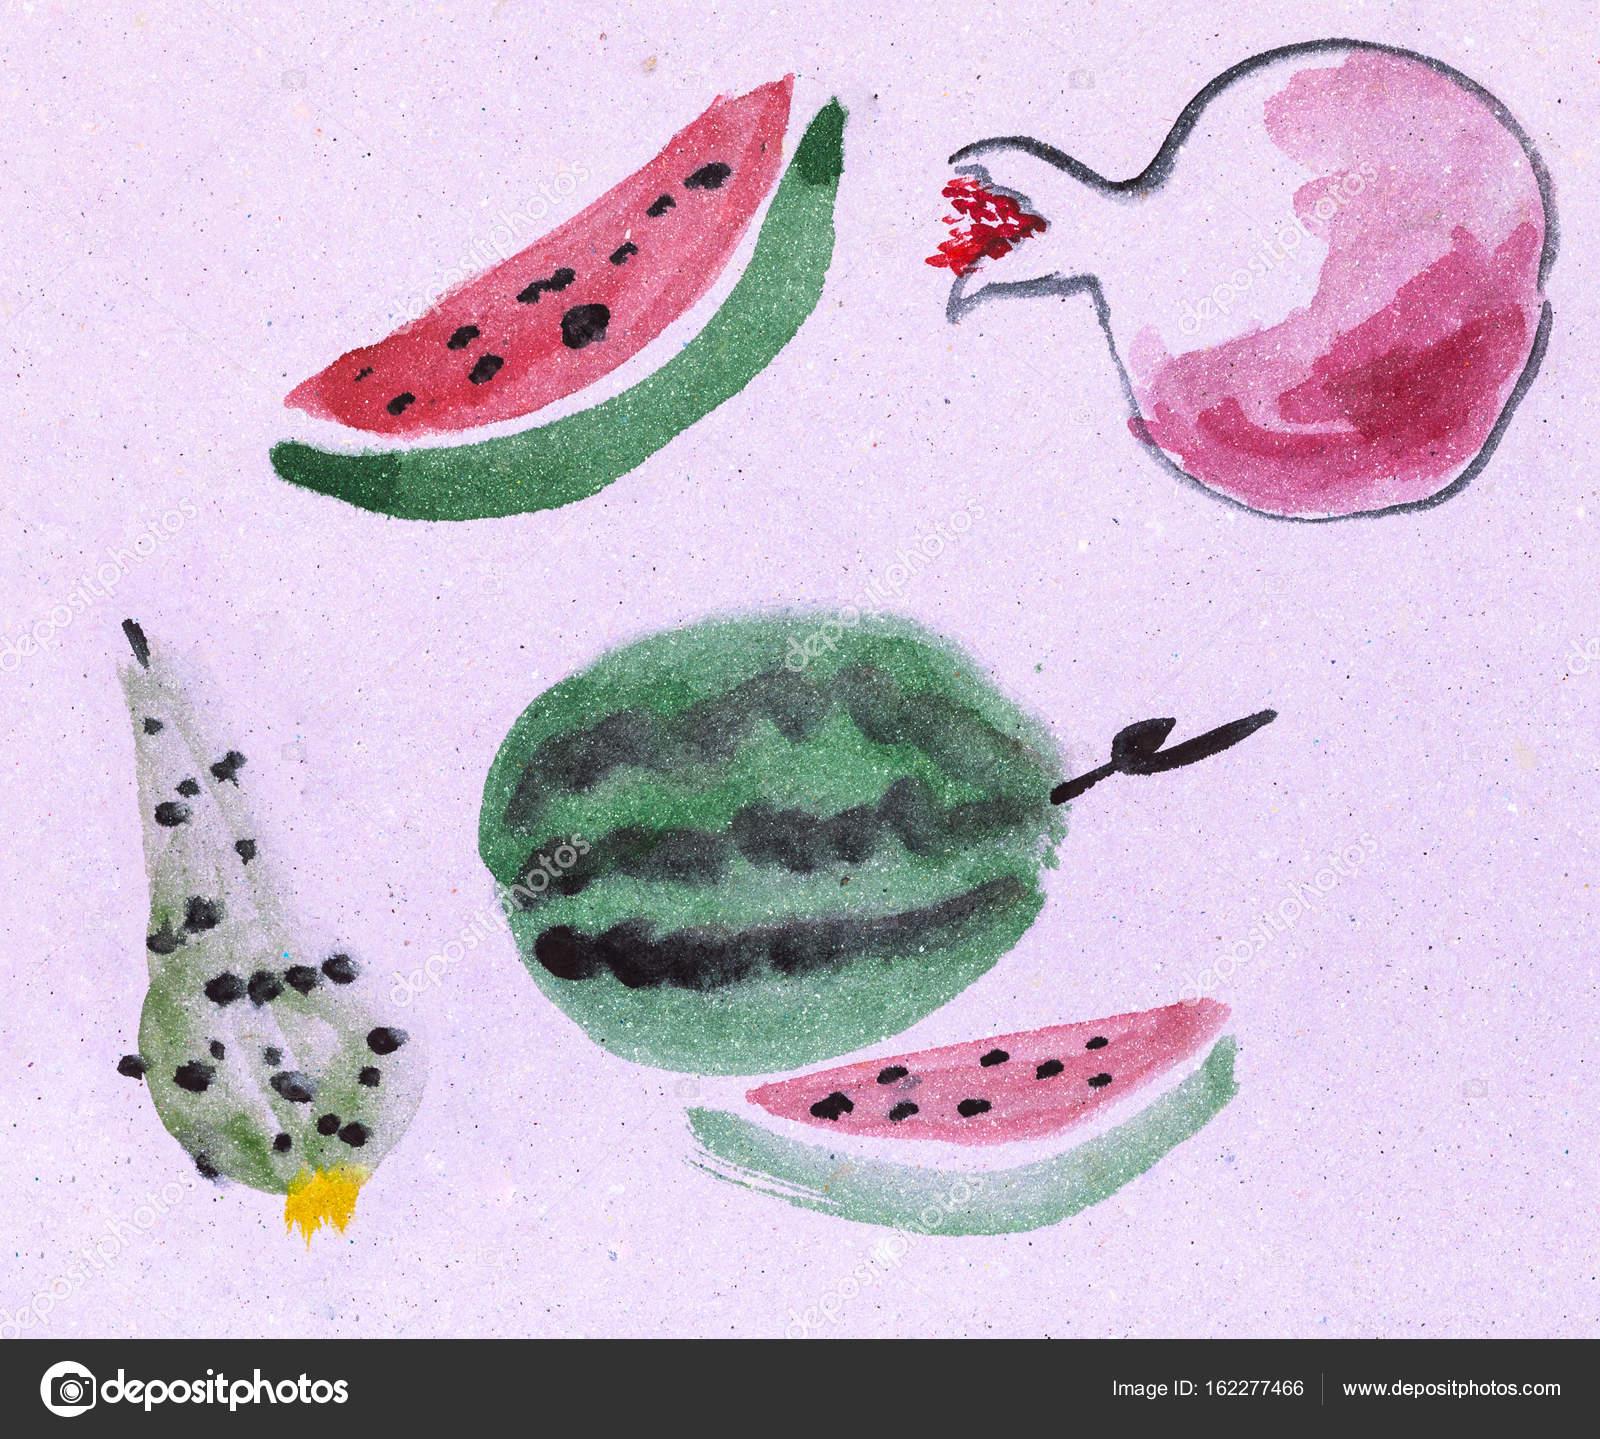 Рисунок фруктов на бумаге 14